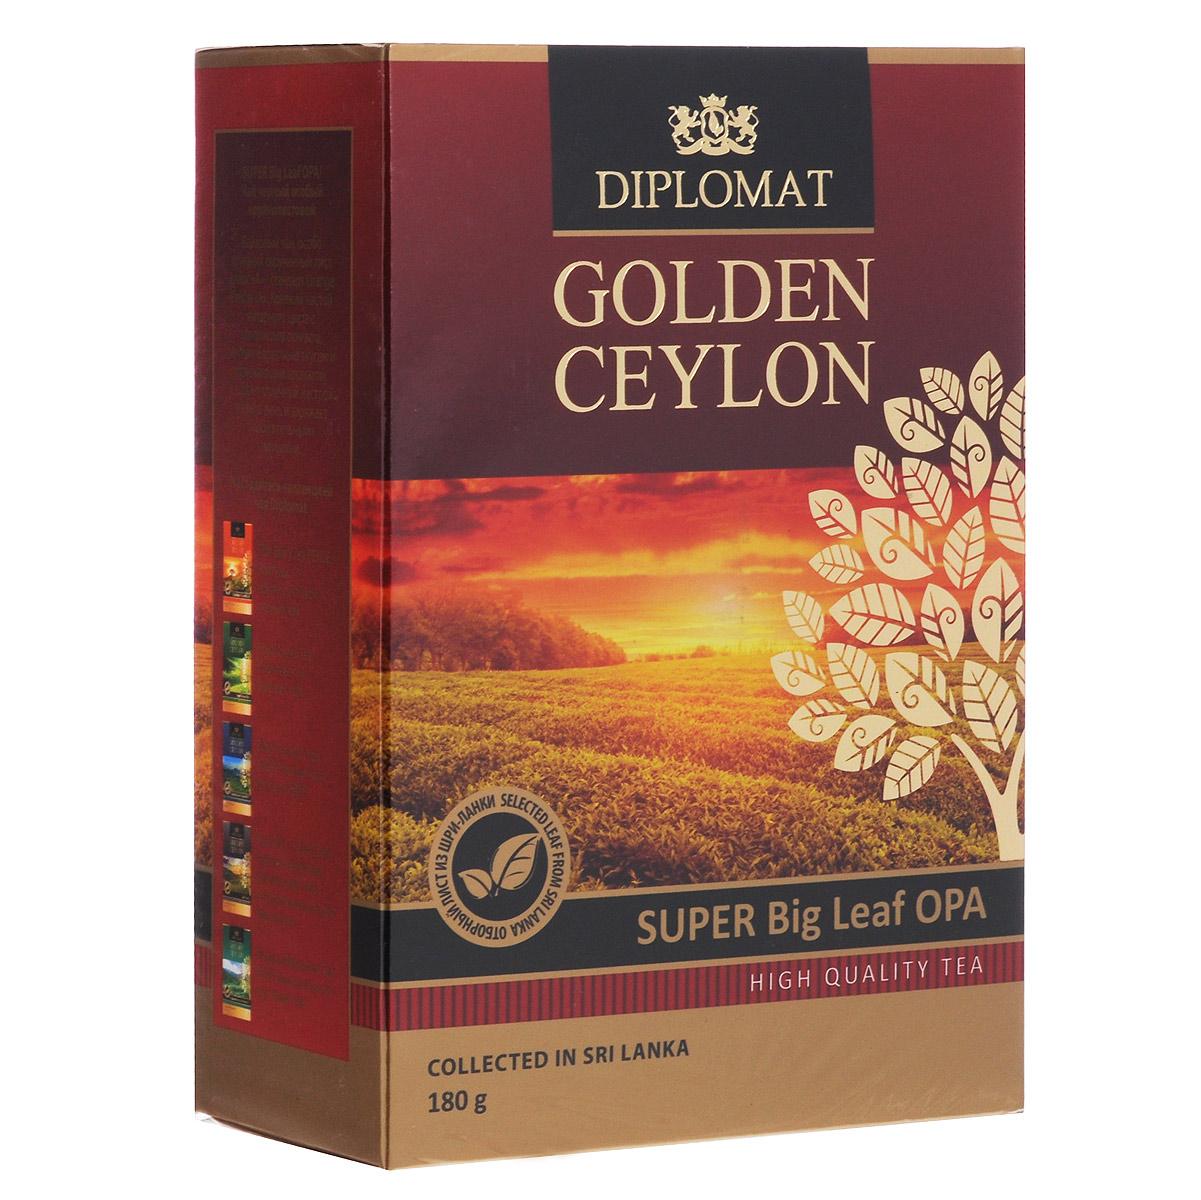 Diplomat Super Big Leaf OPA черный крупнолистовой чай, 180 г0120710Байховый чай Diplomat Super Big Leaf OPAотличается особо крупным скрученным листом - стандартом Orange Pekoe «А». Крепкий настой янтарного цвета с золотистым отливом, мягким бархатным вкусом и освежающим ароматом создает отличный настрой на весь день и заряжает положительными эмоциями.